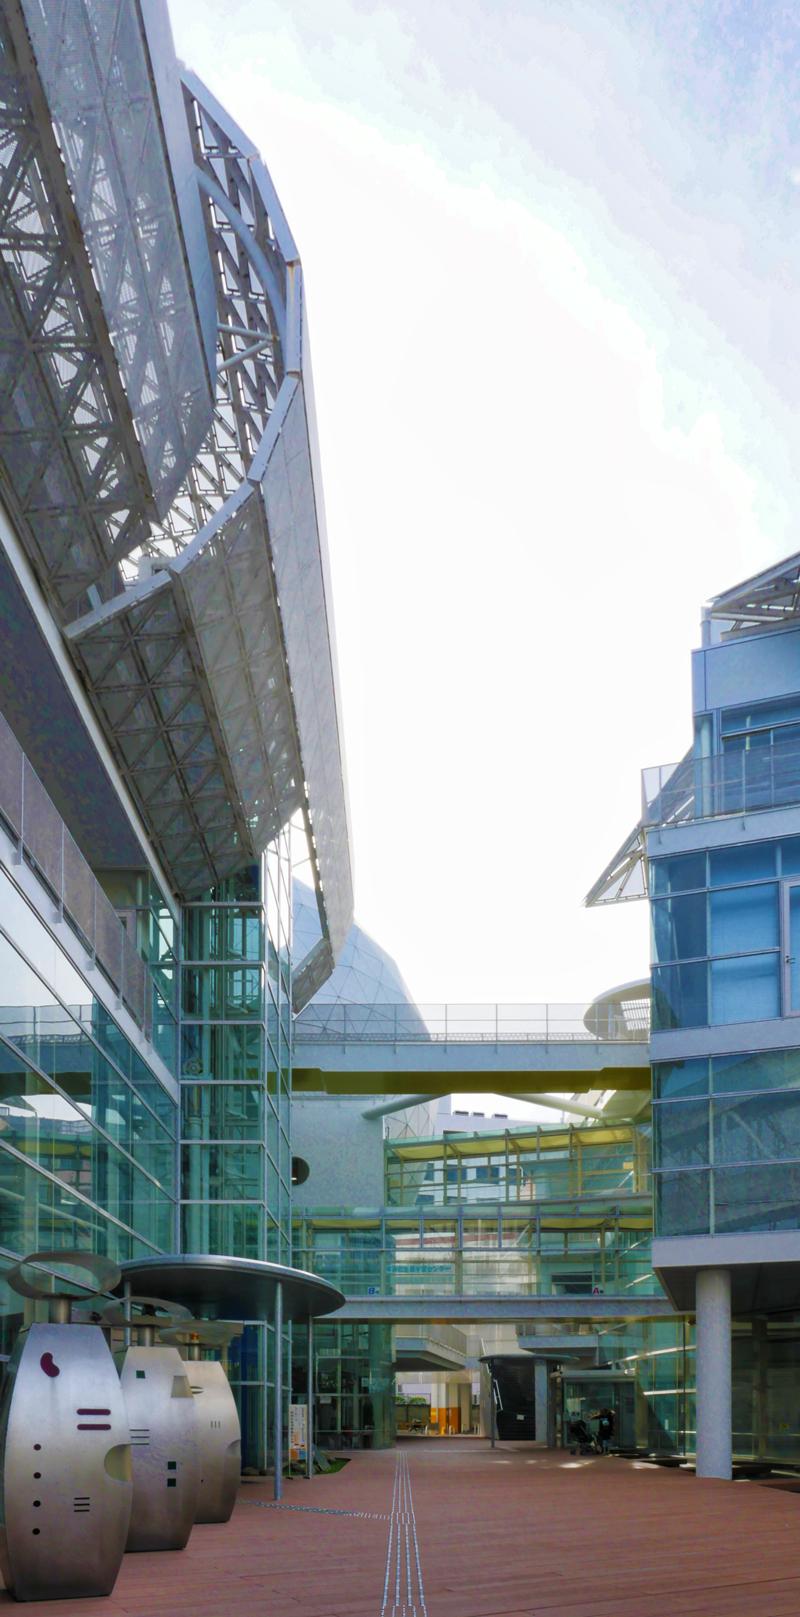 片岡直樹の建もの探訪|ユートリア(すみだ生涯学習センター)エントランス